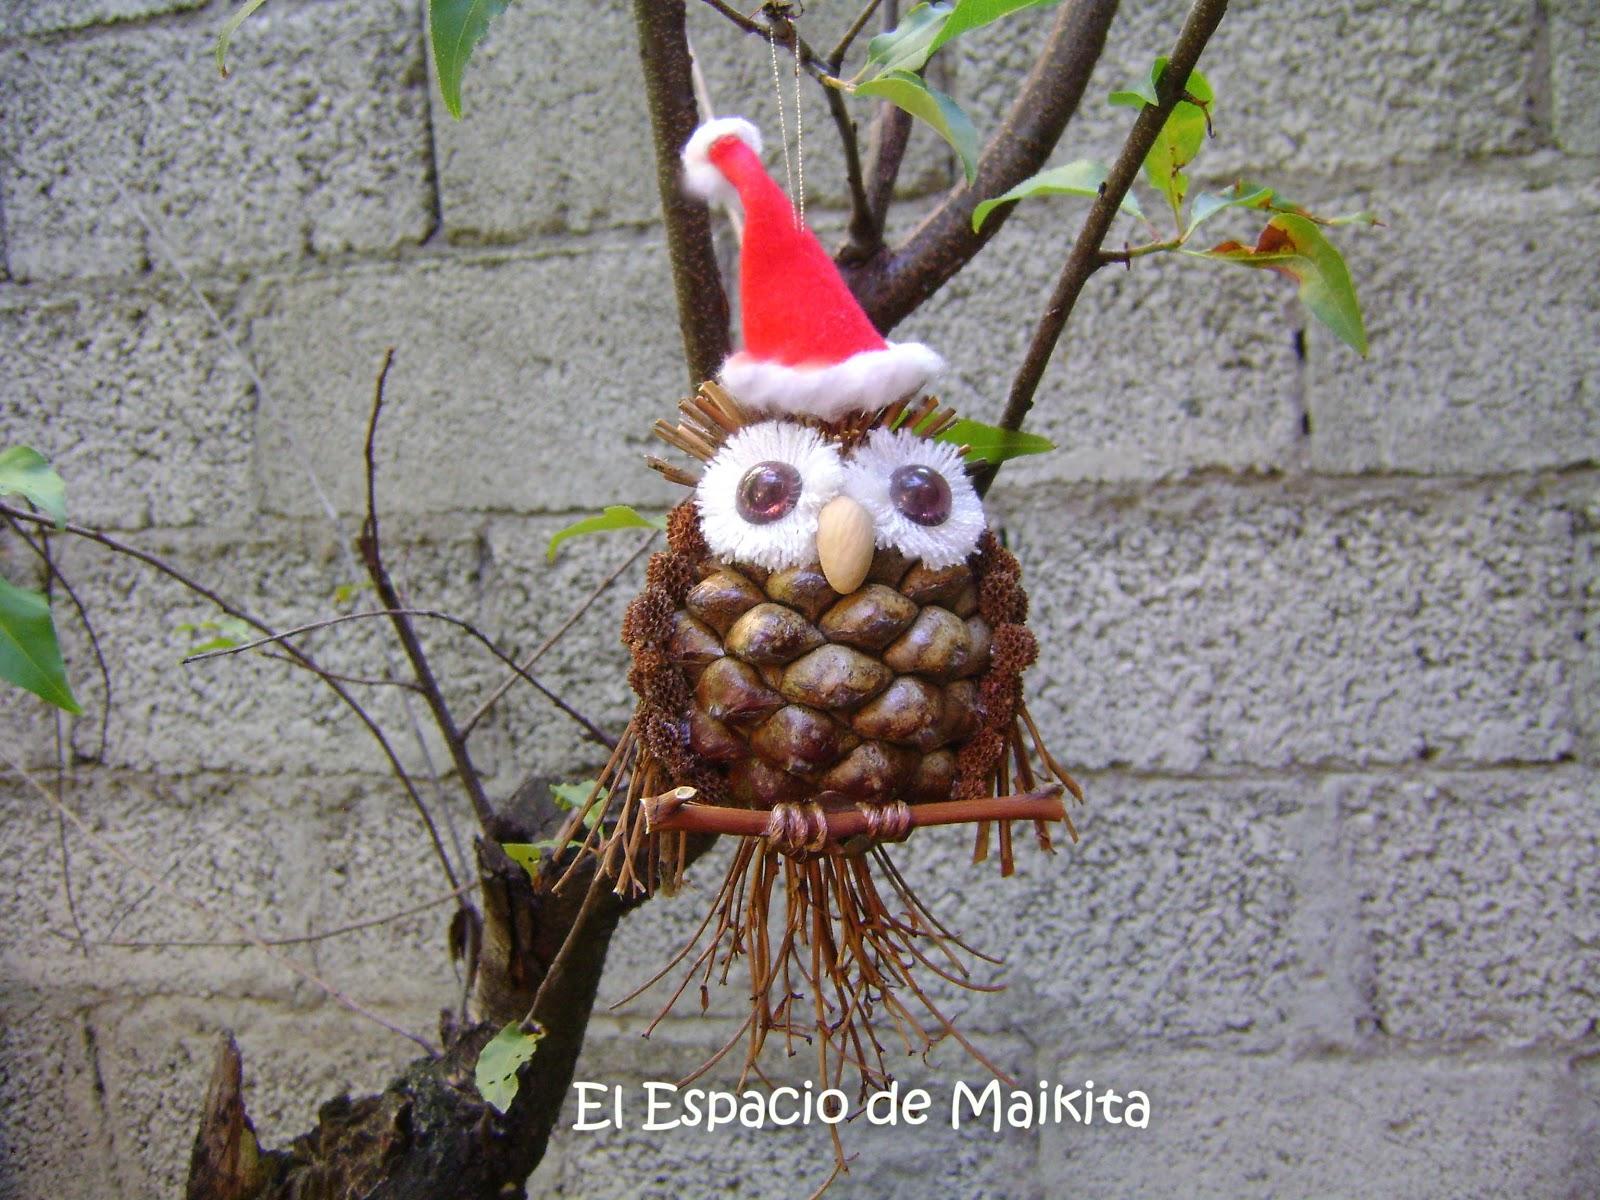 El espacio de maikita buhos decorativos con pi as - Manualidades navidad con pinas ...